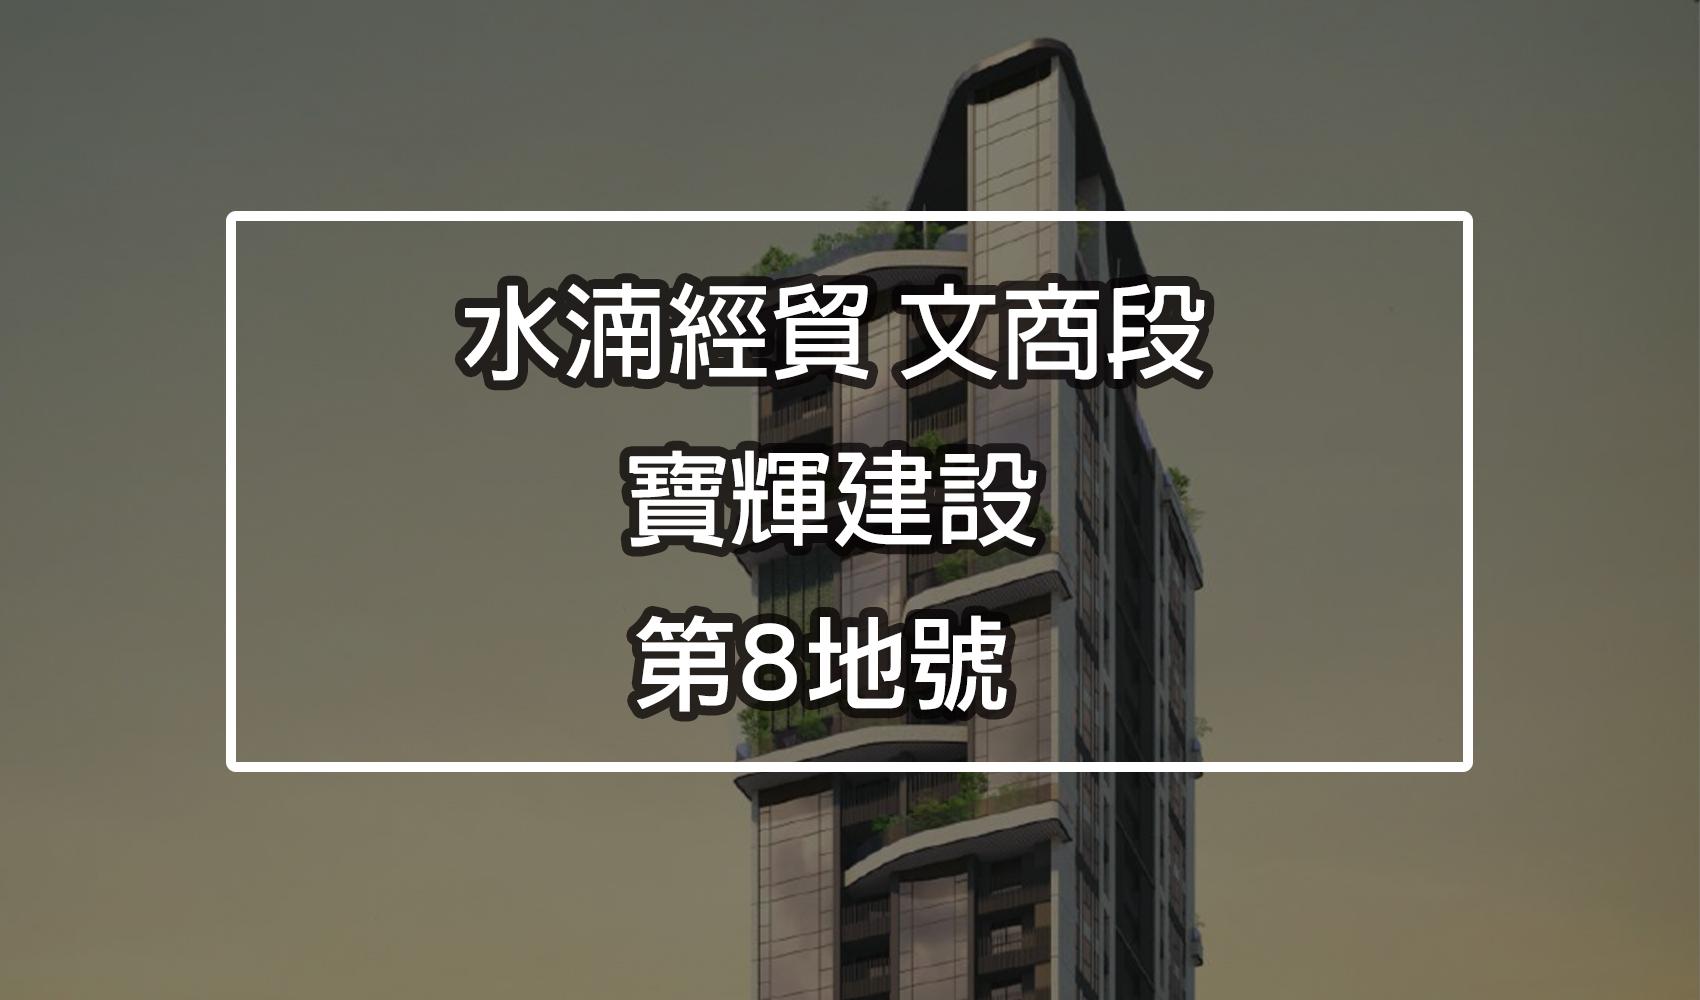 水湳文商段|寶輝建設。文商段第8地號。26層樓。買水湳找安森。陳安森0979-616-027/